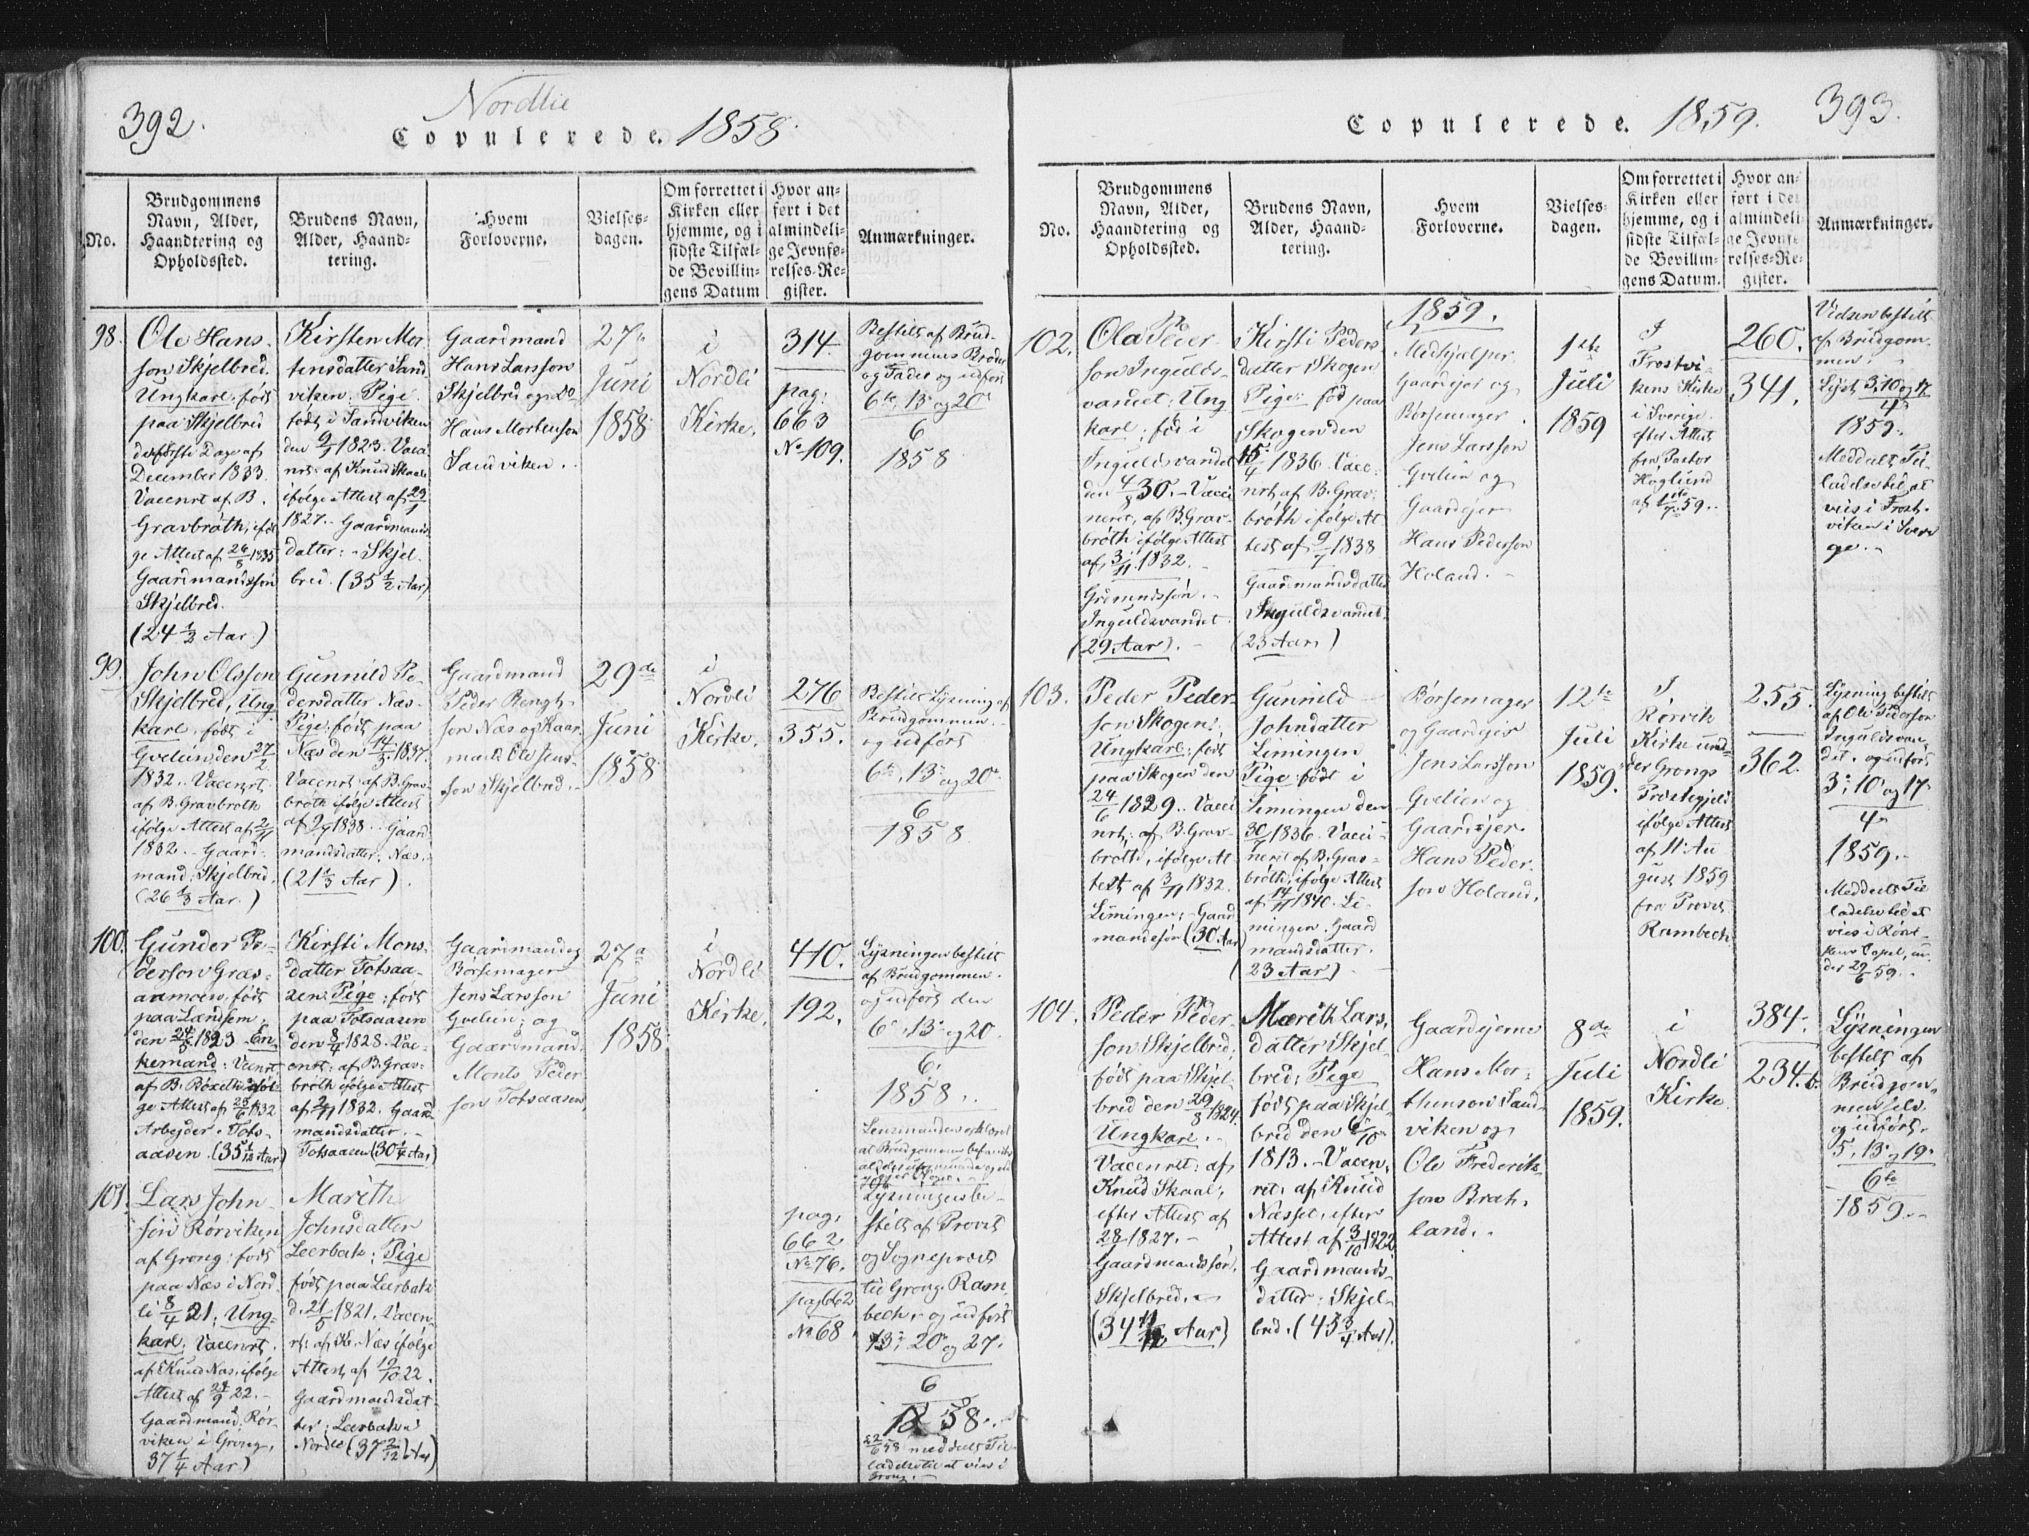 SAT, Ministerialprotokoller, klokkerbøker og fødselsregistre - Nord-Trøndelag, 755/L0491: Ministerialbok nr. 755A01 /1, 1817-1864, s. 392-393